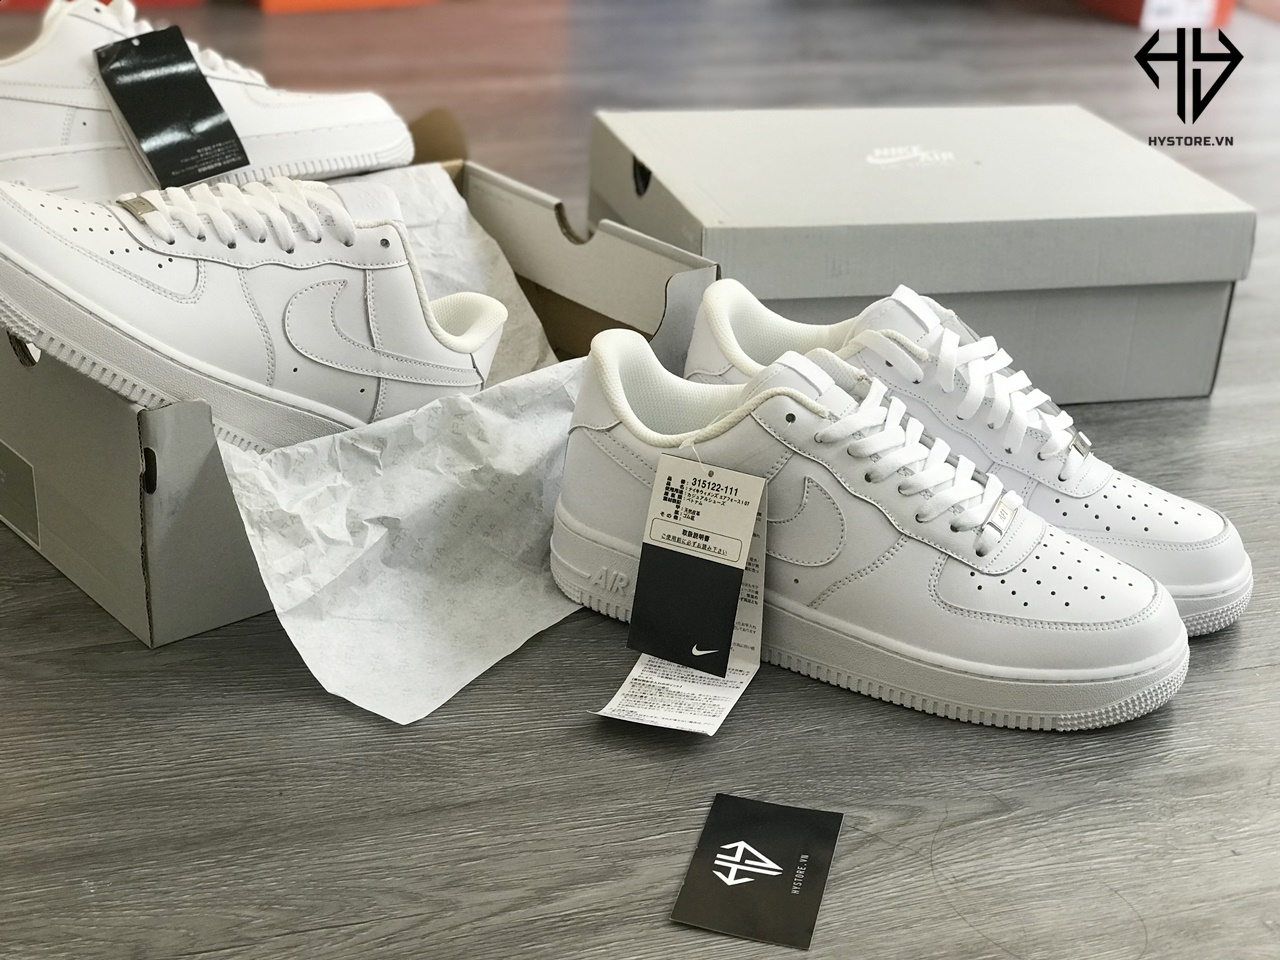 giày nike air force 1 full trắng hàng chuẩn rep 1:1